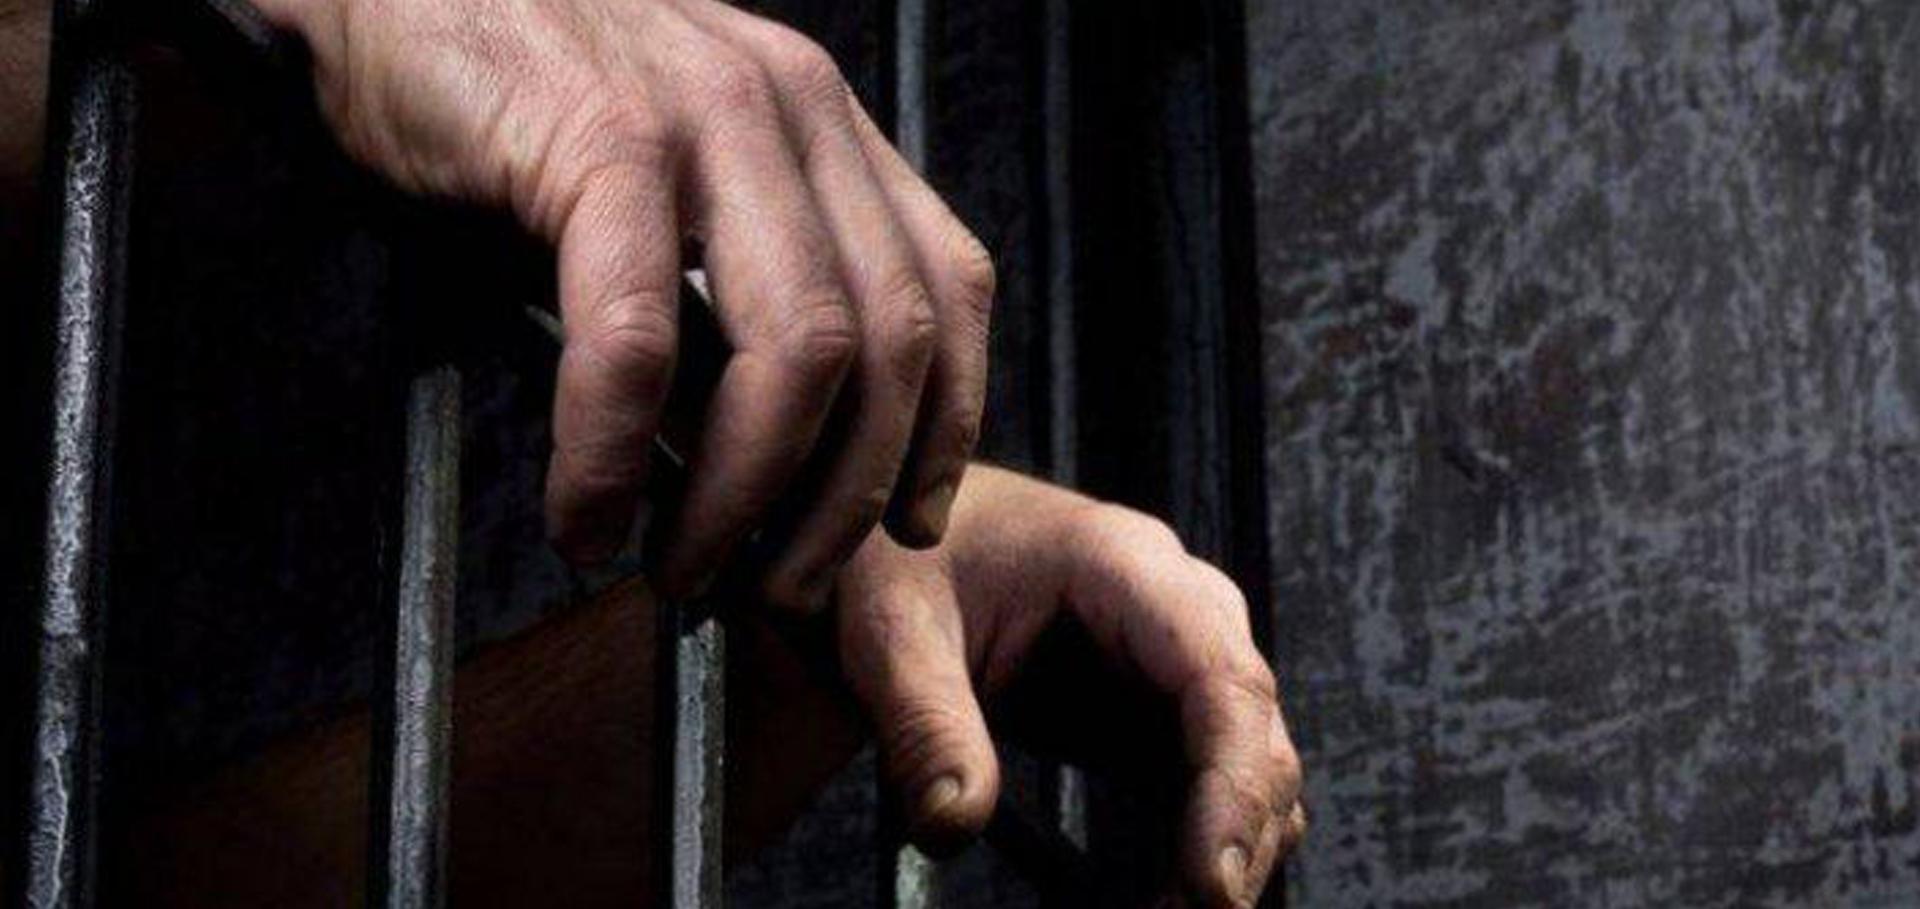 За підозрою у нелегальному переправленні мігрантів до ЄС взято під варту громадянина Індії